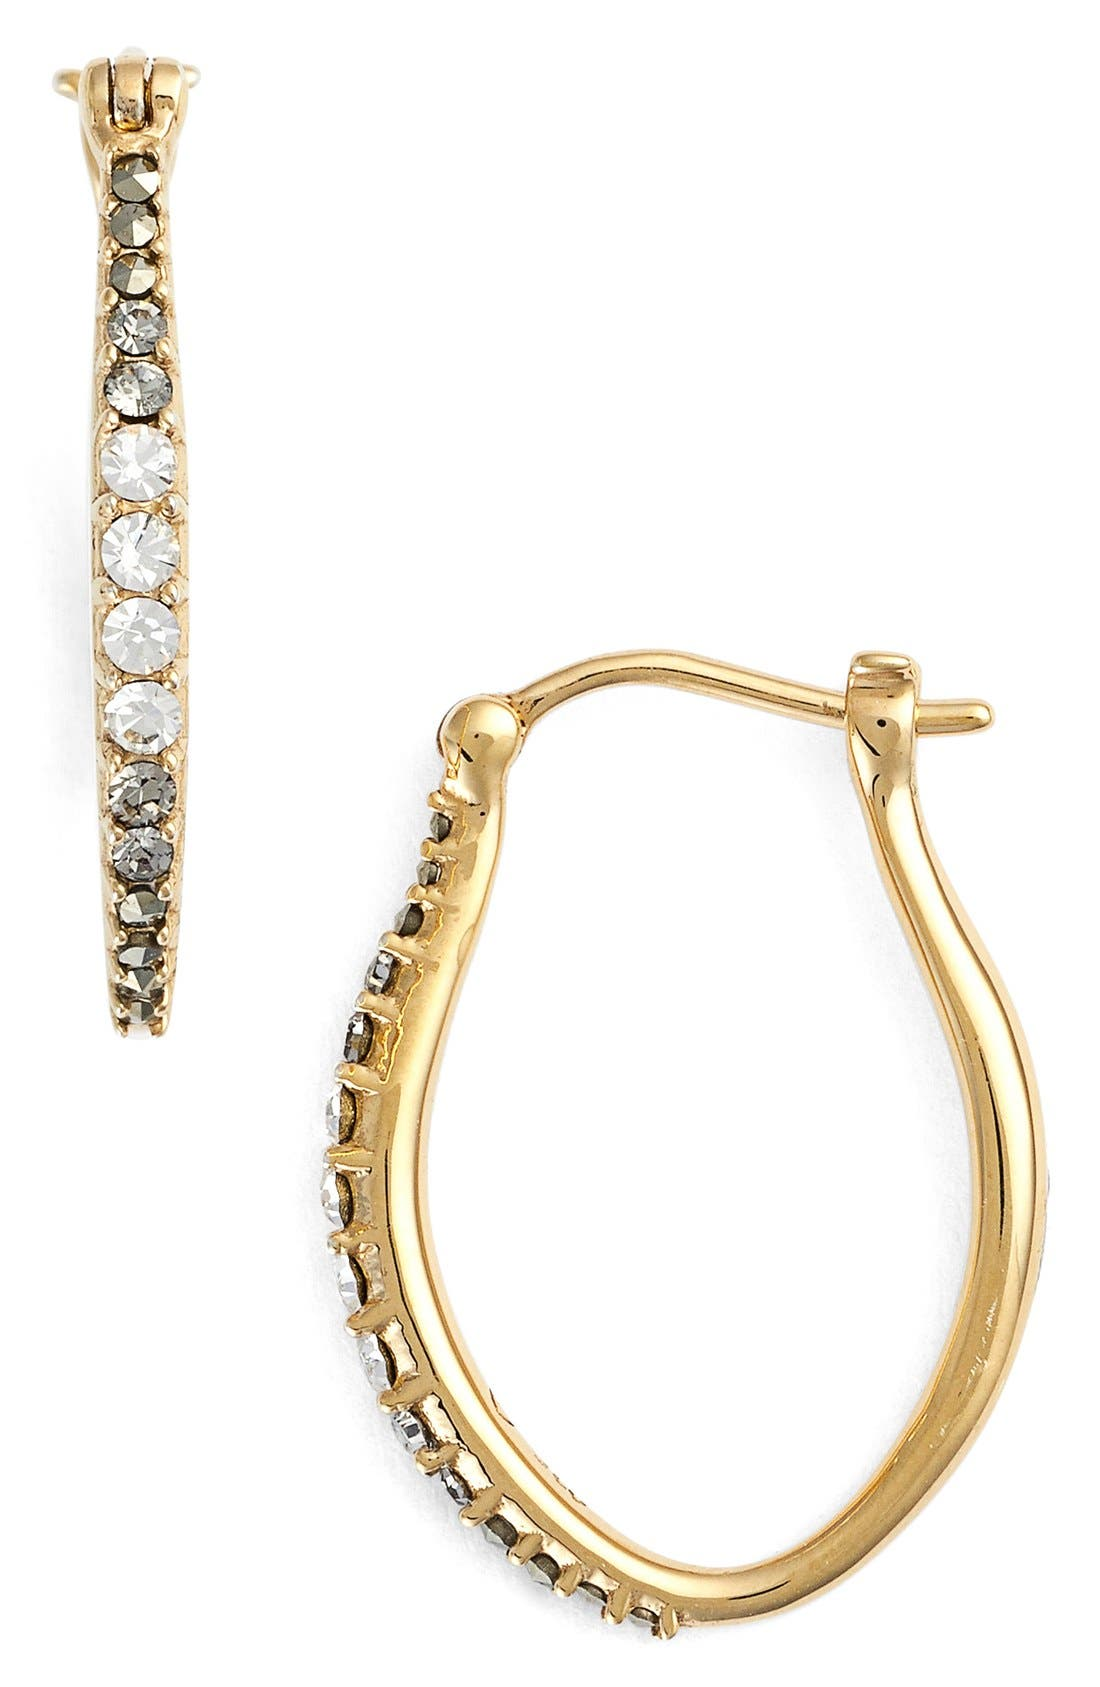 Marcasite & Swarovski Crystal Hoop Earrings,                         Main,                         color, Gold